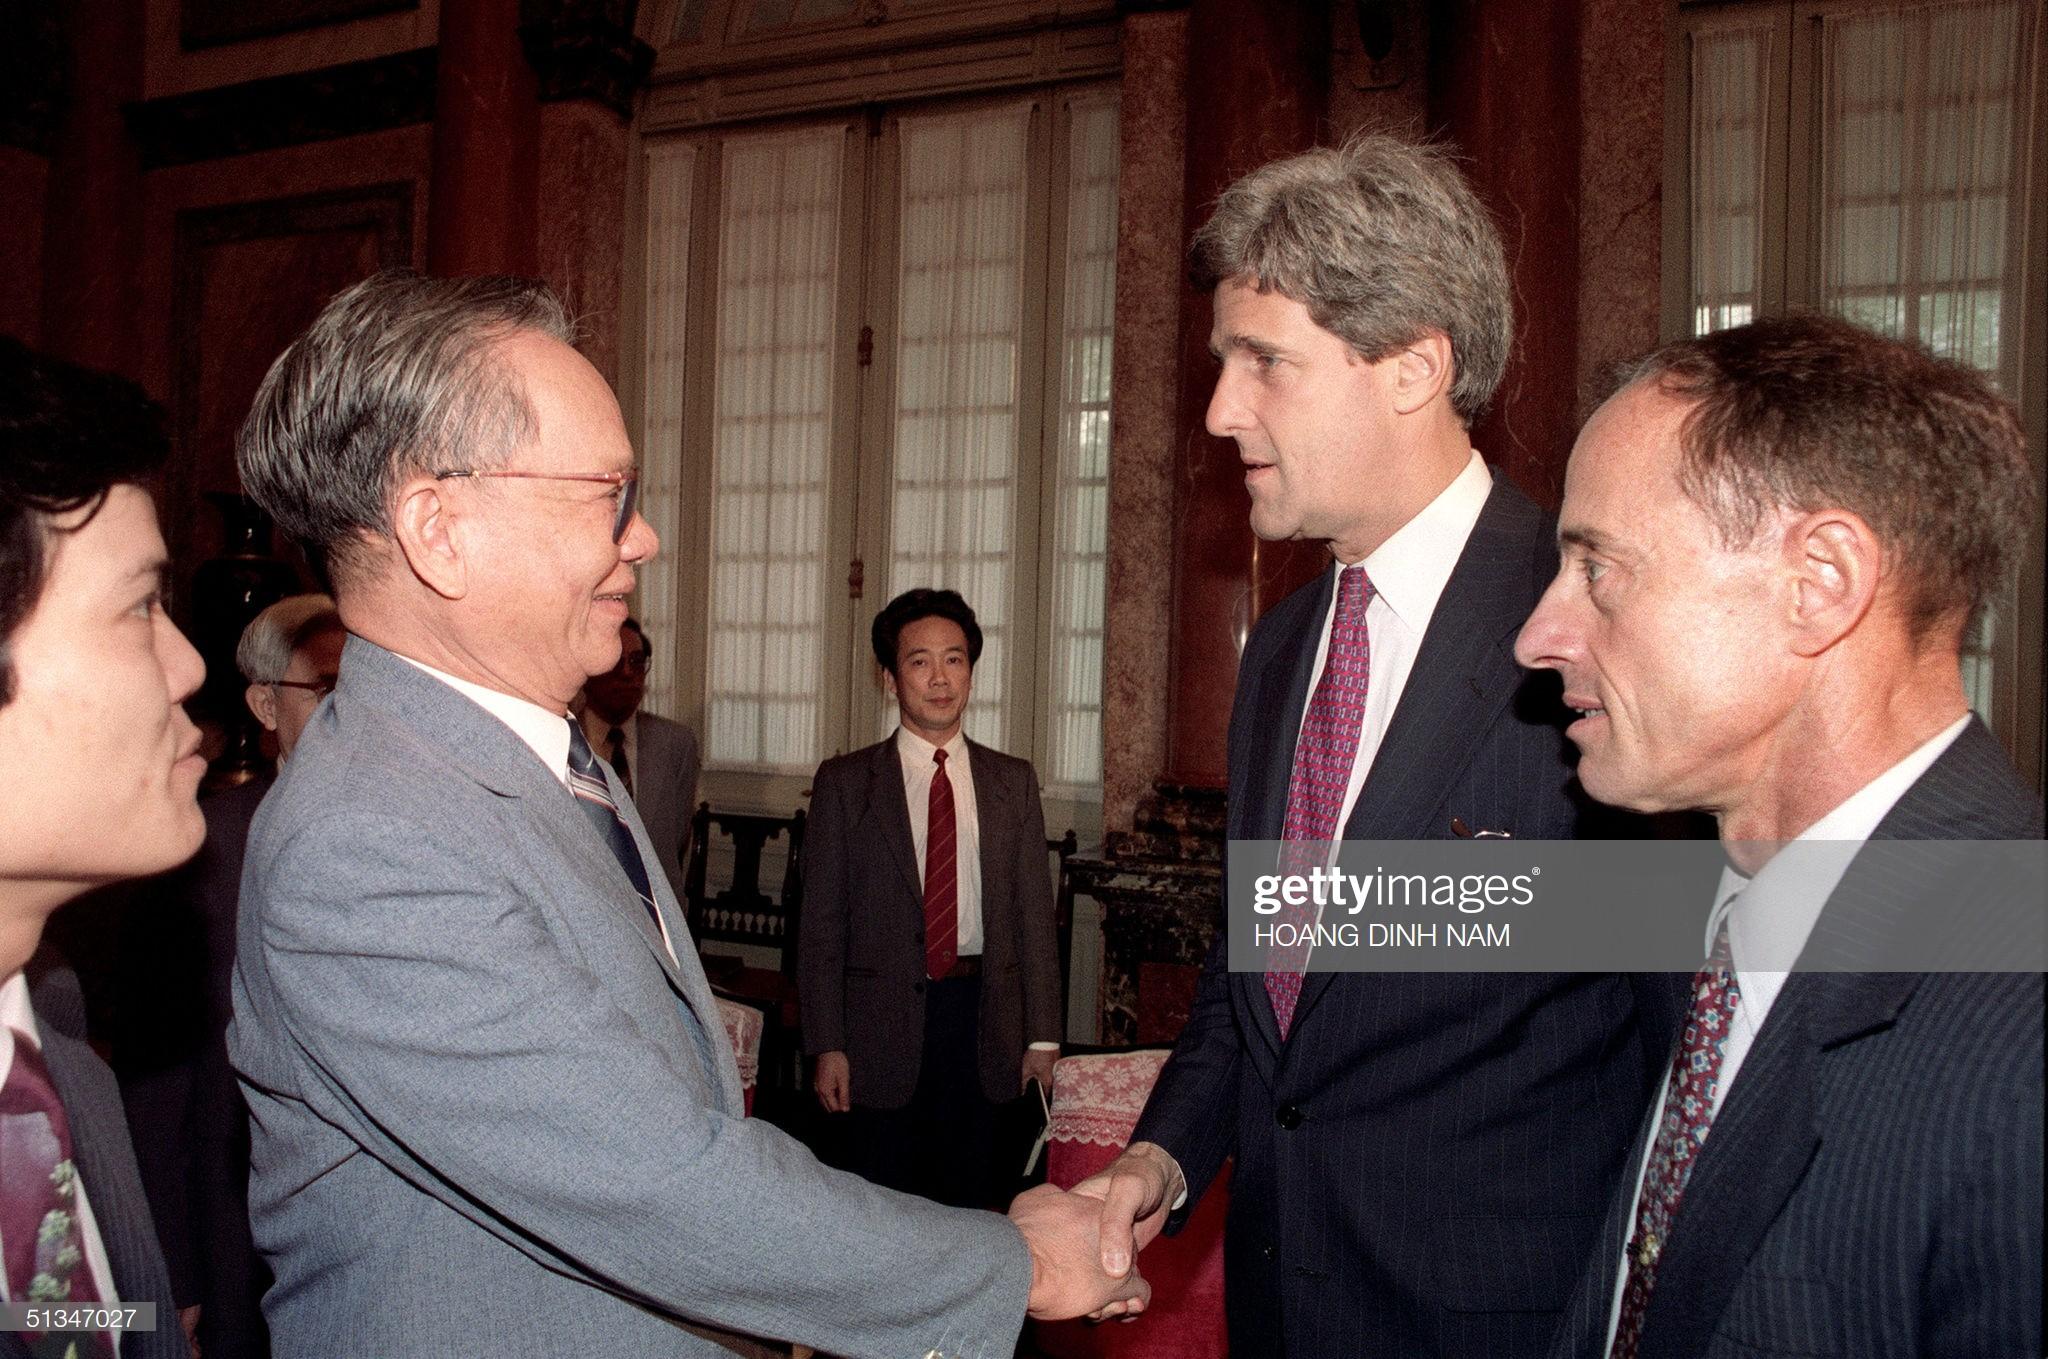 Chủ tịch nước Lê Đức Anh tiếp Thượng nghị sĩ Mỹ John Kerry (ngoại trưởng Mỹ năm 2013 - 2017) tại Phủ Chủ tịch ở Hà Nội ngày 16/5/1993. Ông John Kerry đến Việt Nam để hội đàm về việc tìm kiếm hài cốt các quân nhân Mỹ mất tích thời chiến tranh Việt Nam.